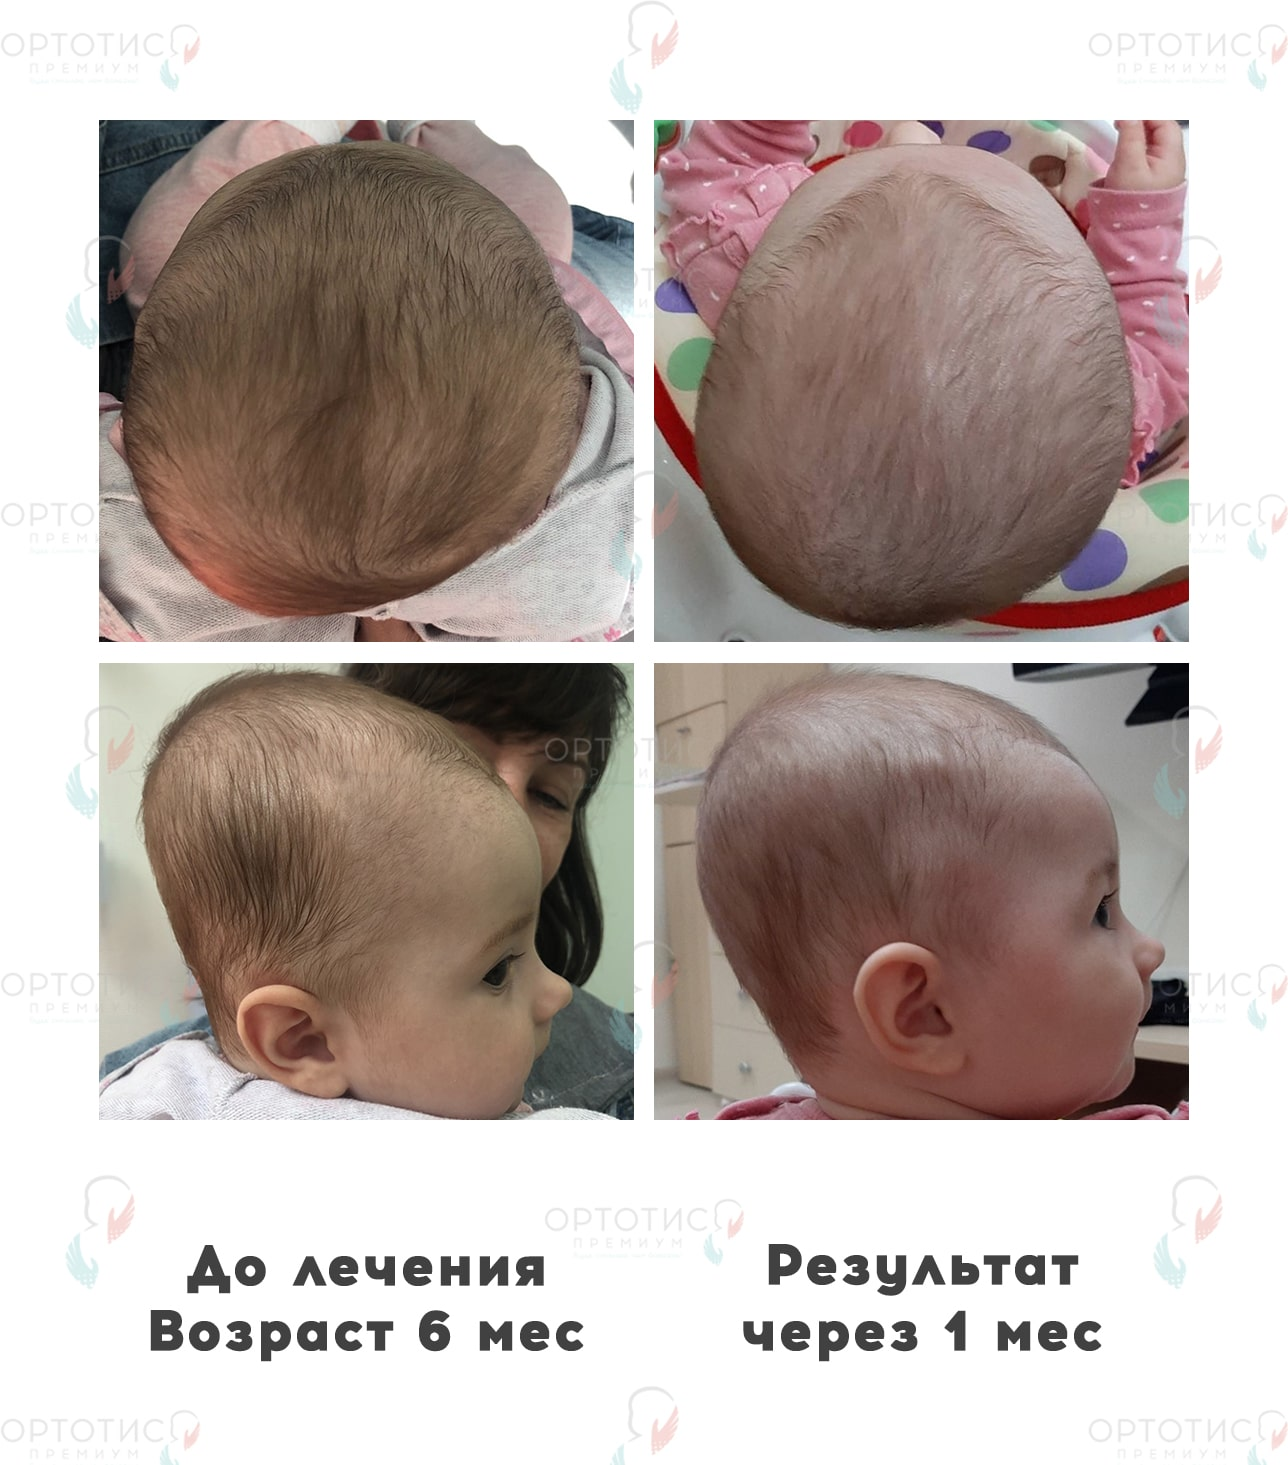 Плагиоцефалия, 4 месяцев - Ортотис Премиум